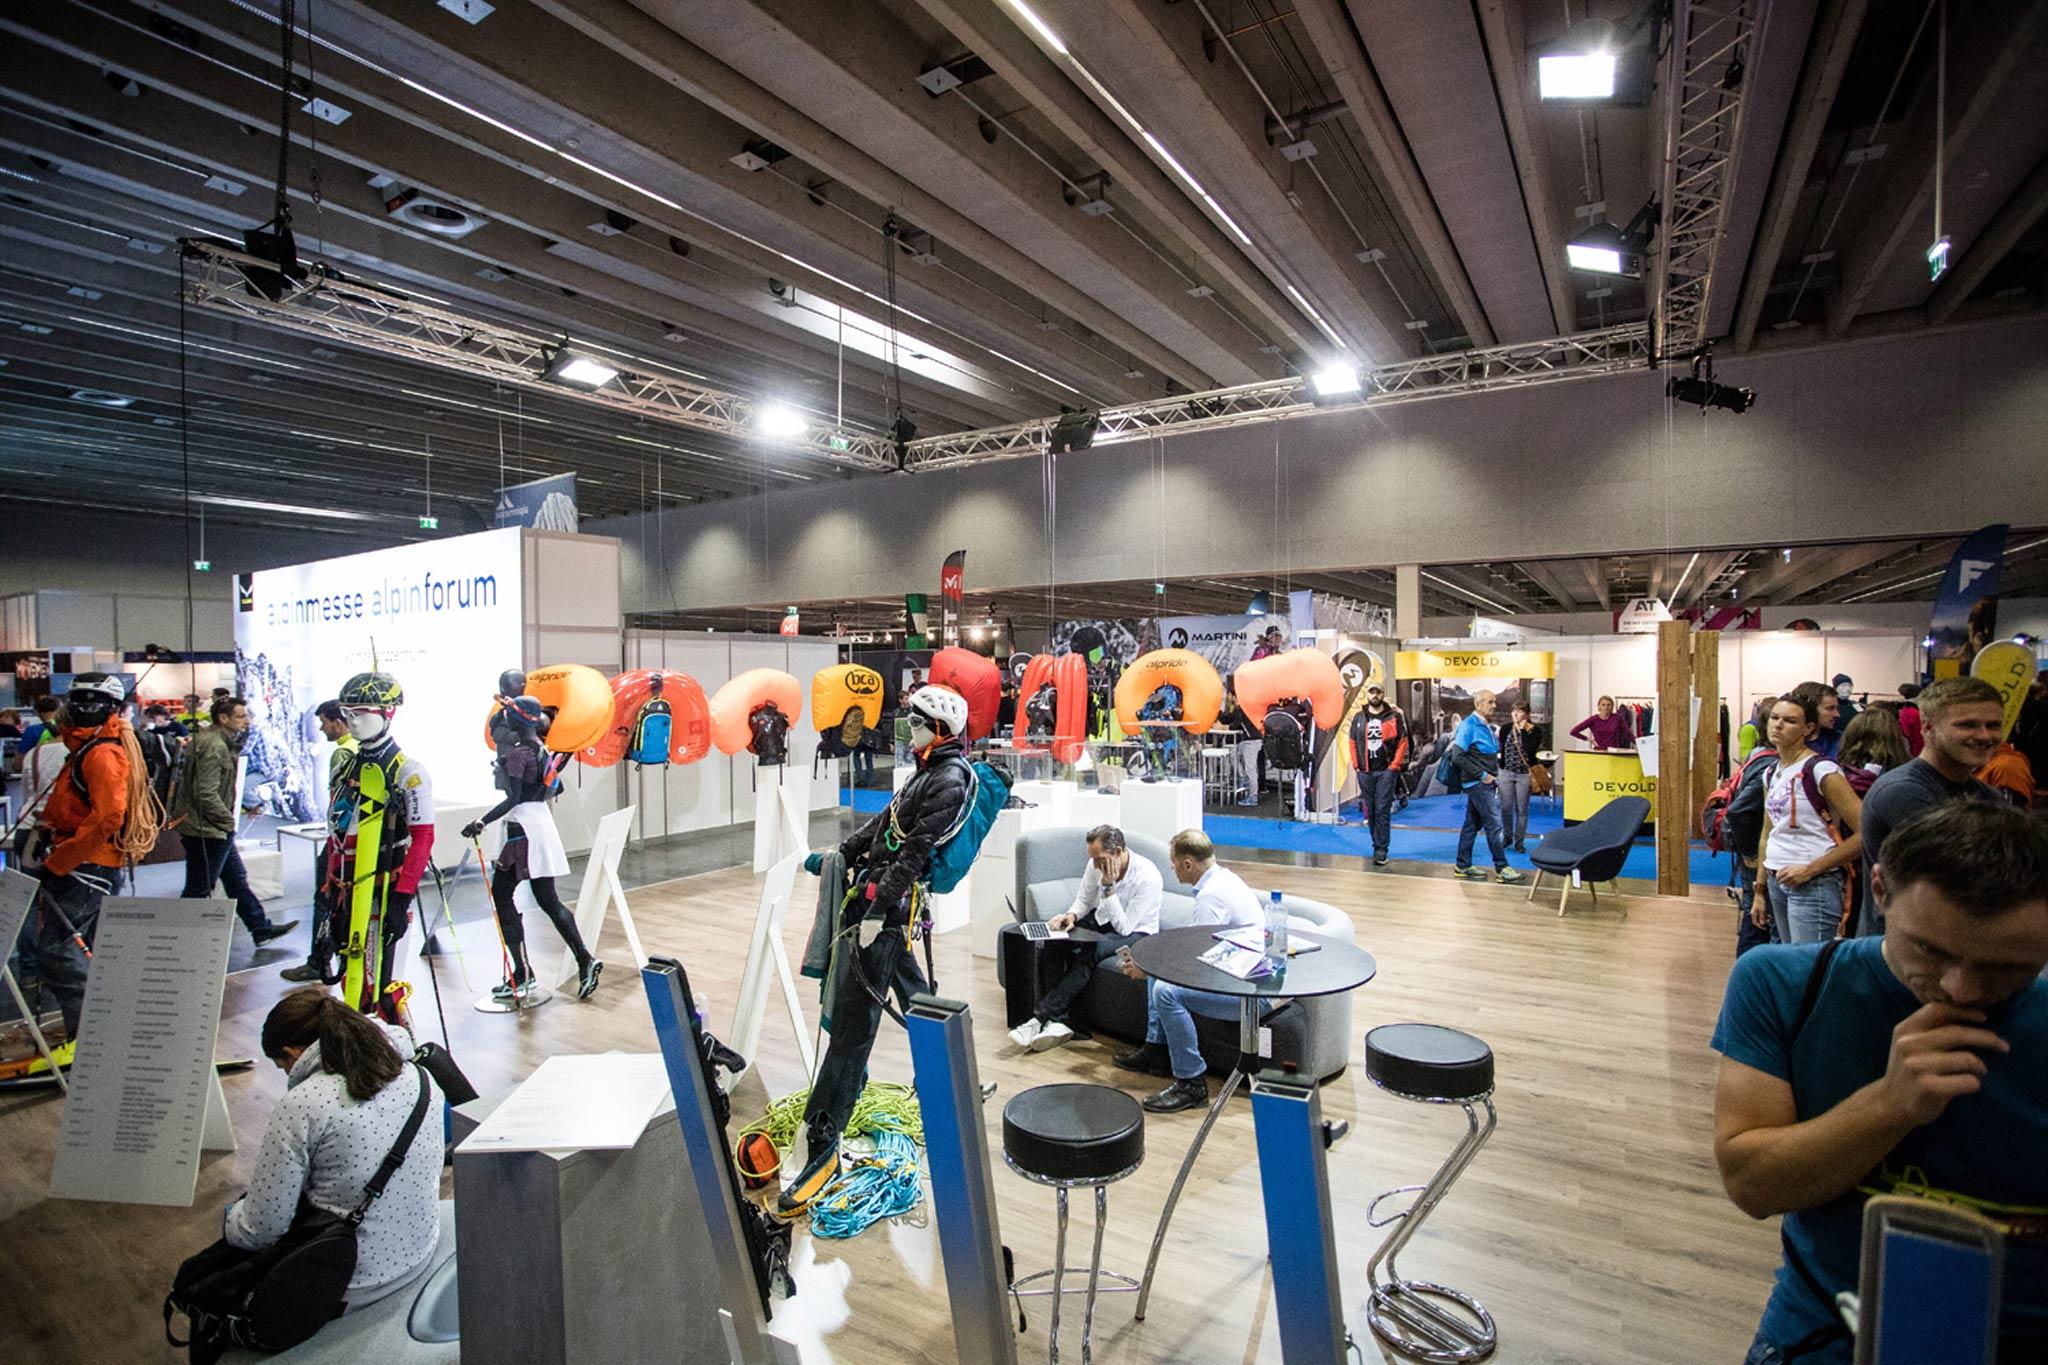 Lawinenairbags waren eins von insgesamt 5 Produkten, die bei der Alpinmesse zum direkten Vergleich für die Messebesucher mit detaillierten Informationen nebeneinander präsentiert wurden. - Foto: Simon Rainer